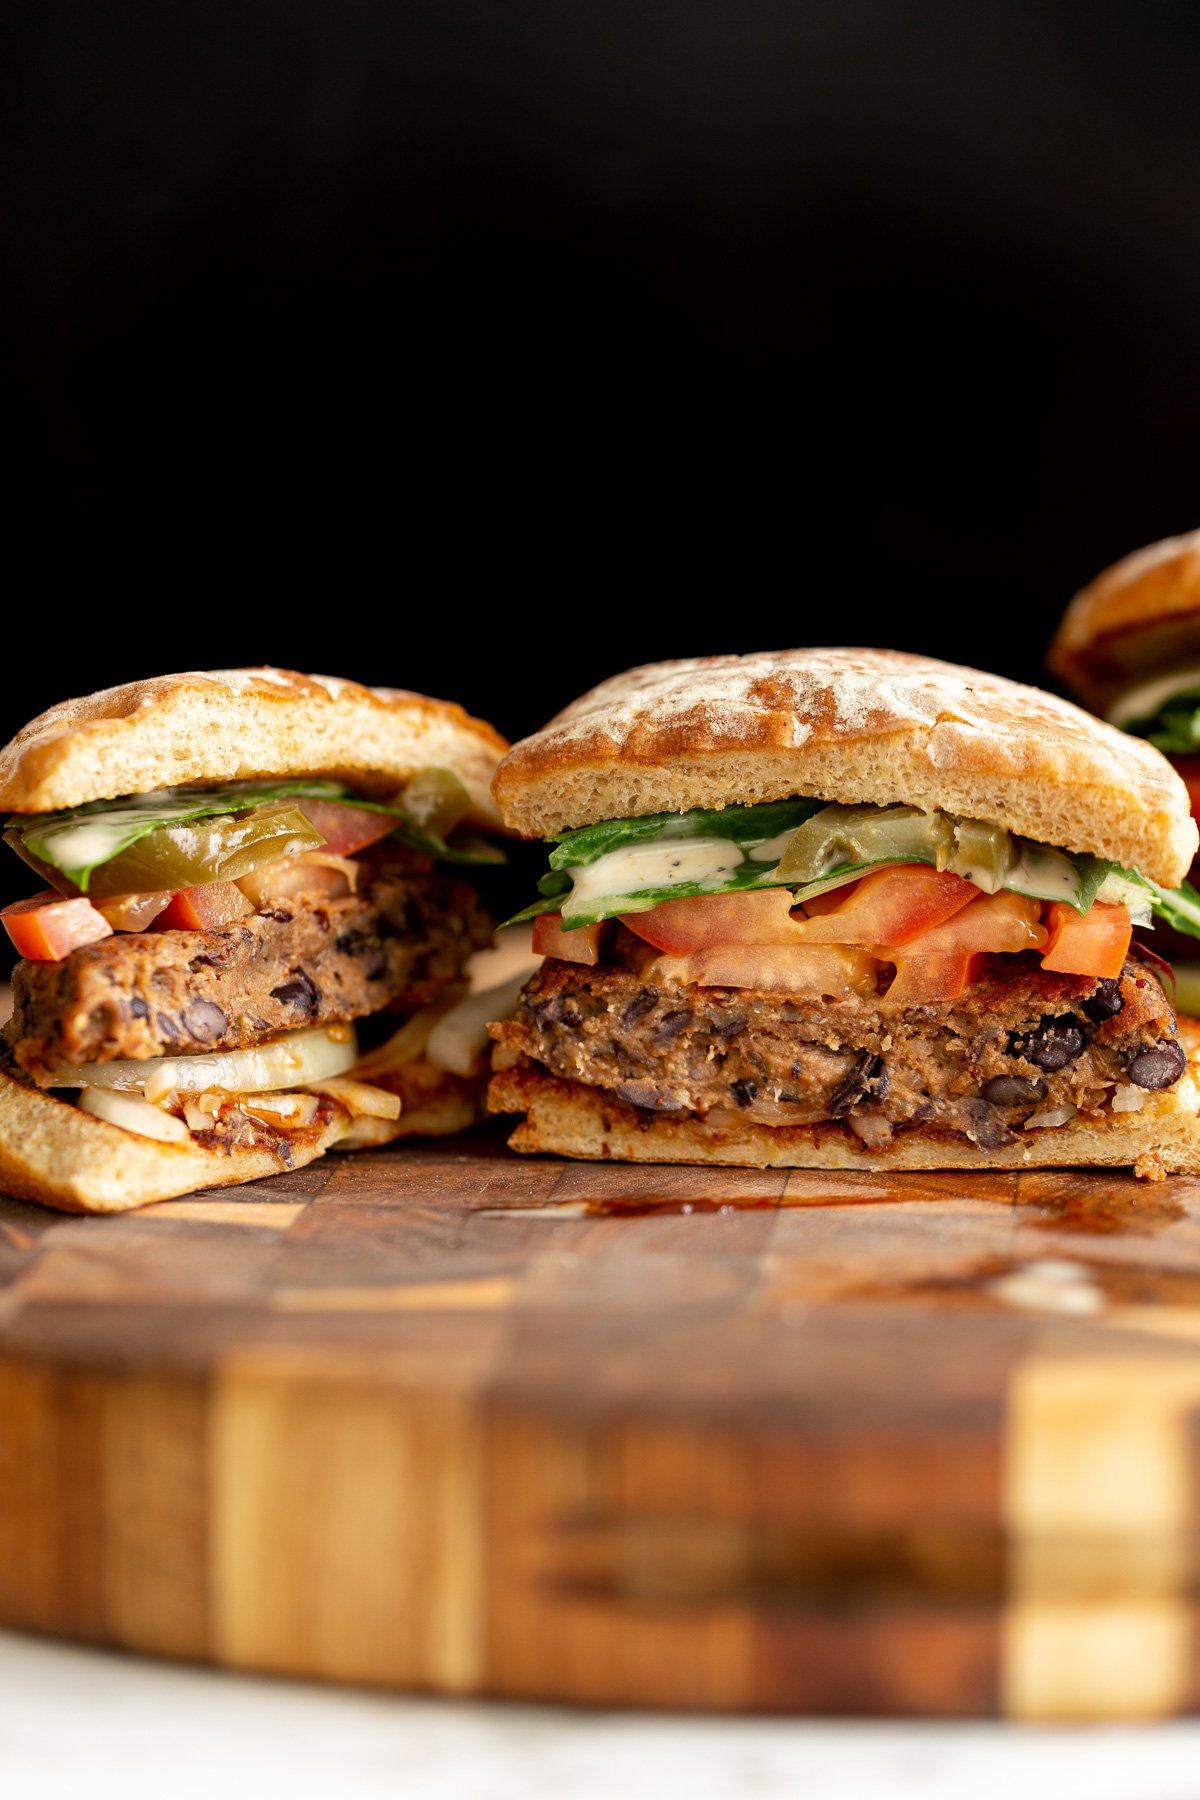 um hambúrguer vegano de quinoa de feijão preto, coberto com fatias de tomate e regado com molho de rancho